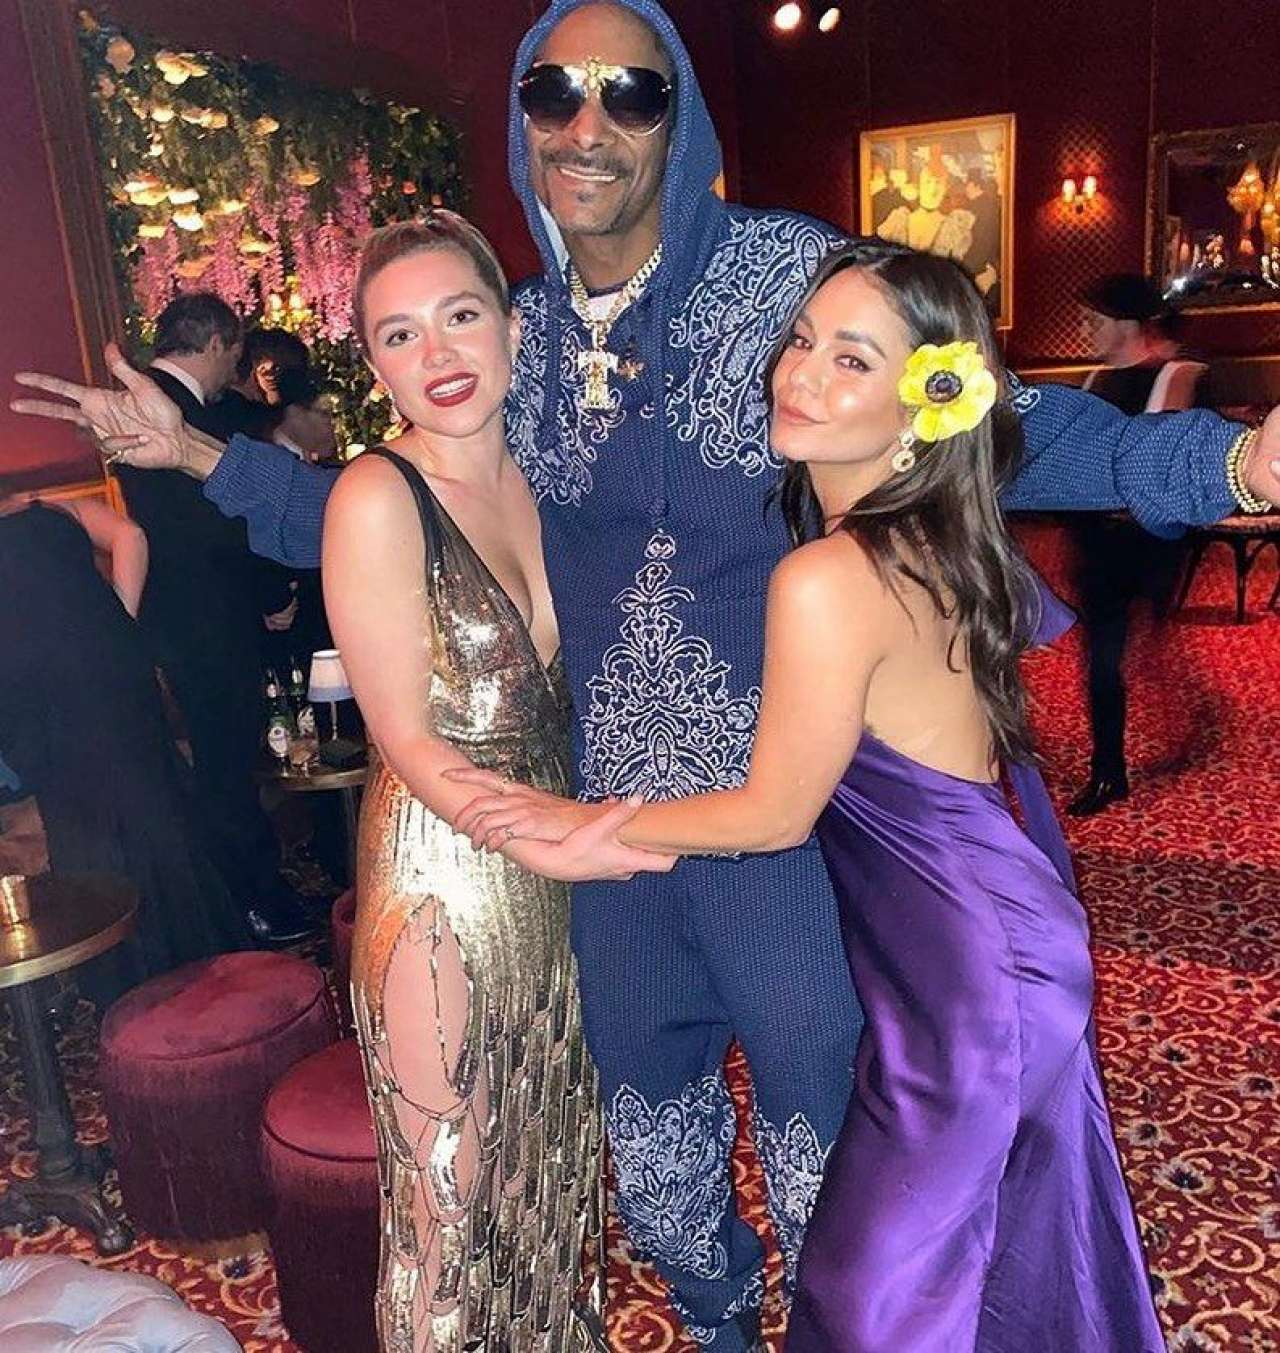 Vanessa Hudgens 2020 : Vanessa Hudgens in a Purple Dress -05